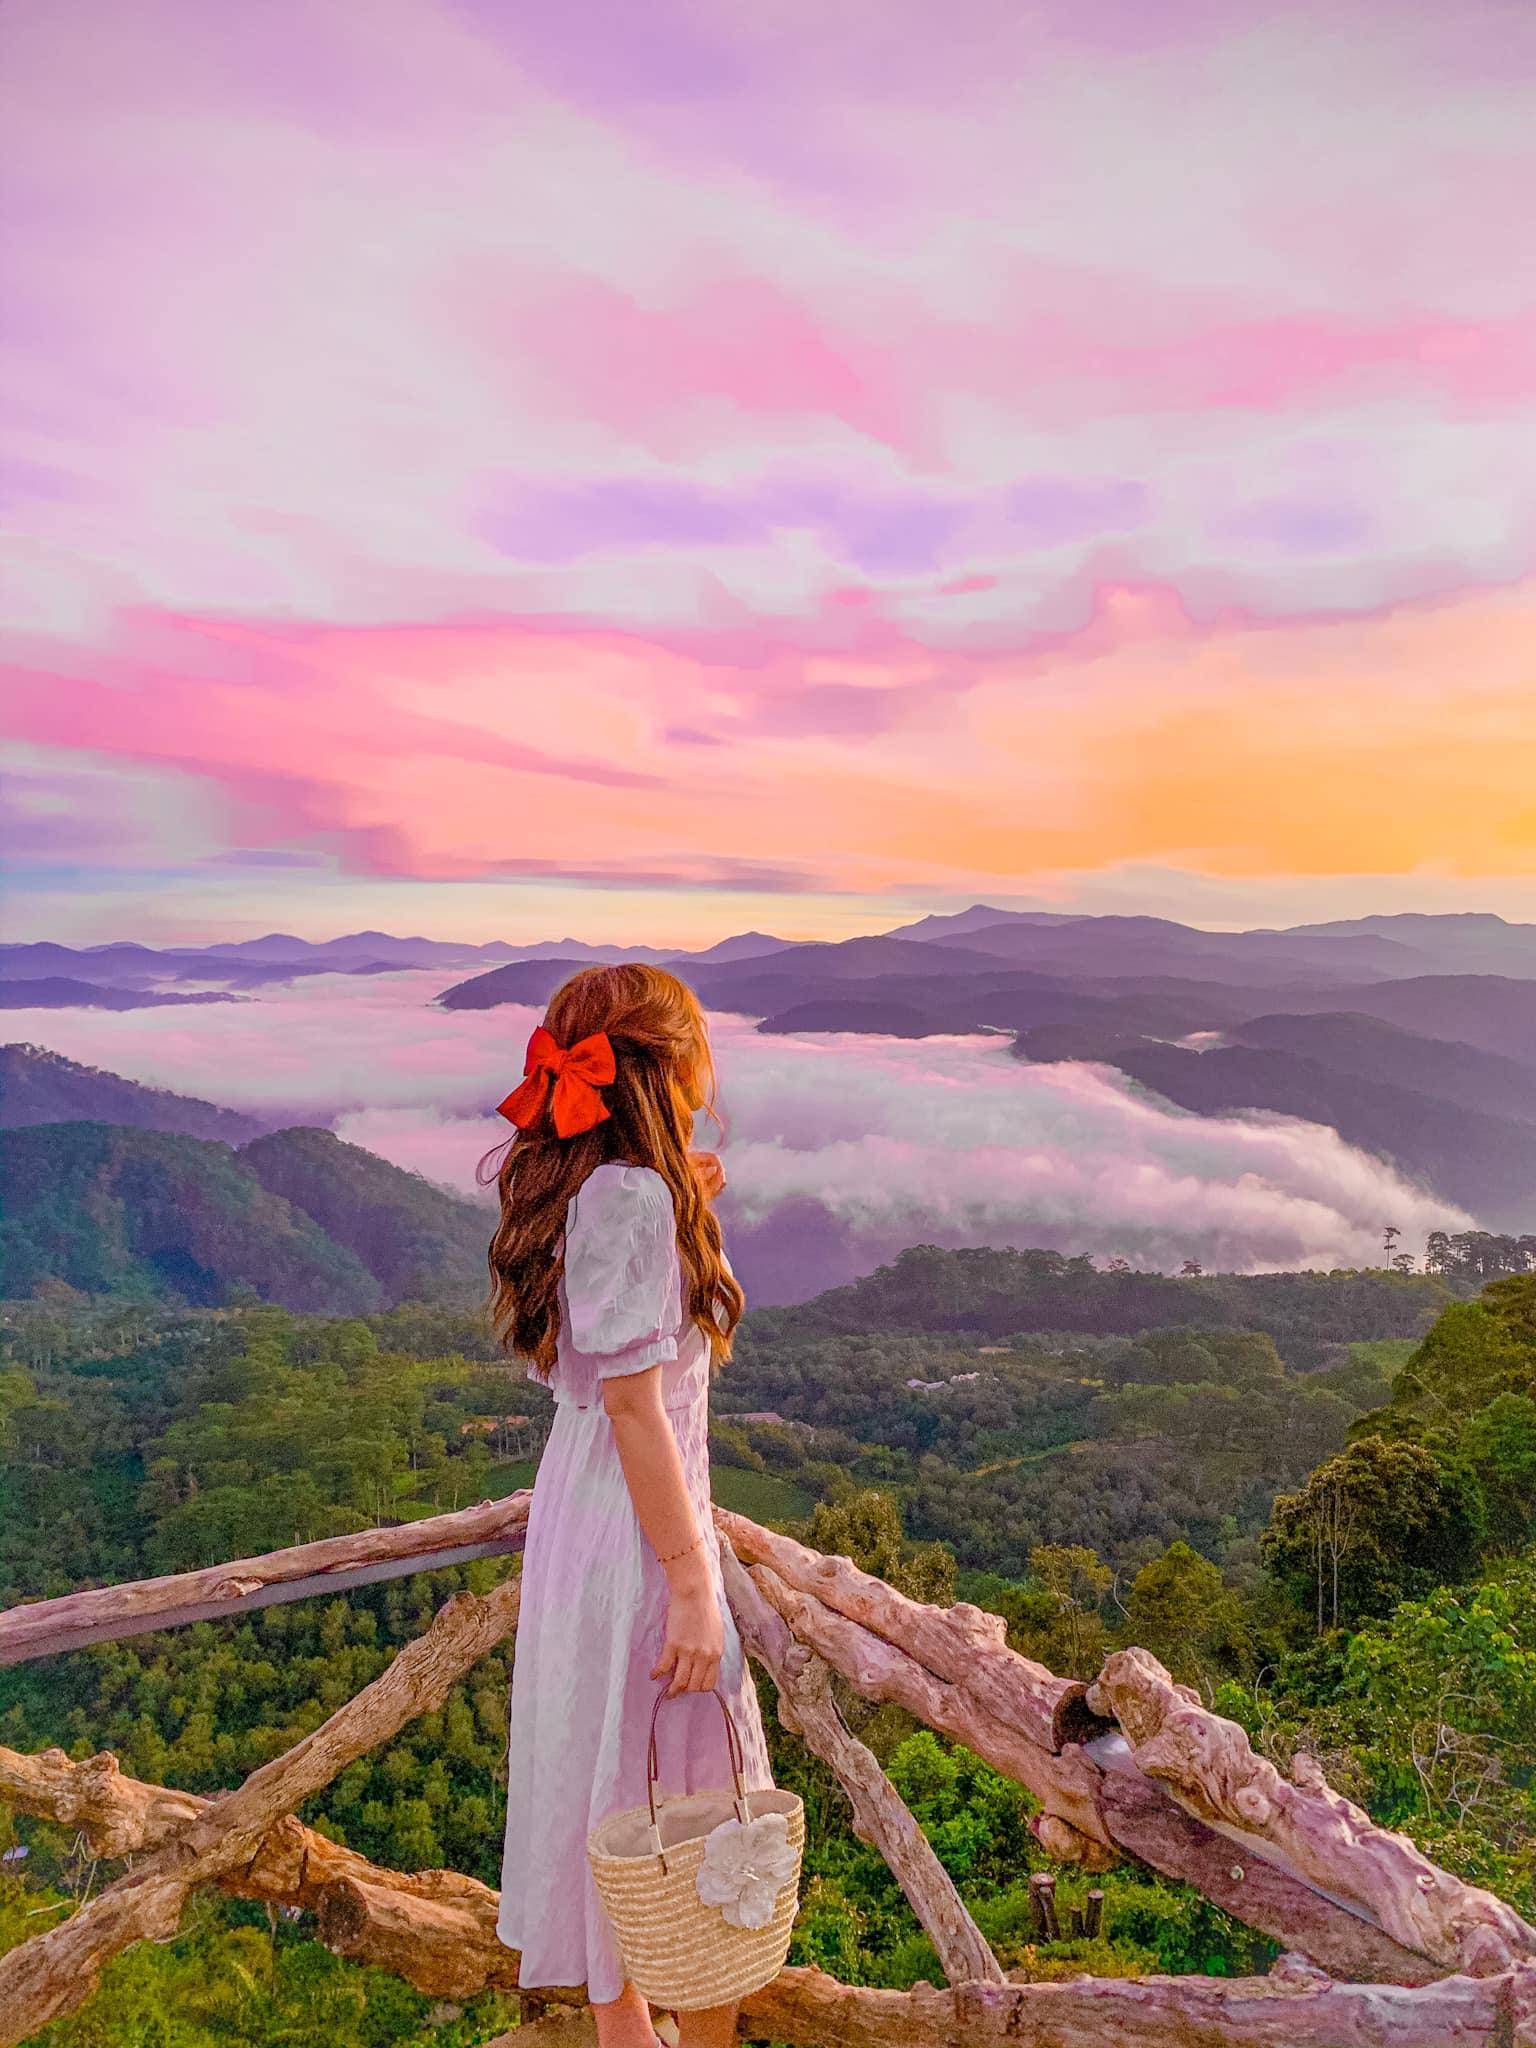 Khoảnh khắc hừng đông giữa mây ngàn đẹp rạng ngời :)